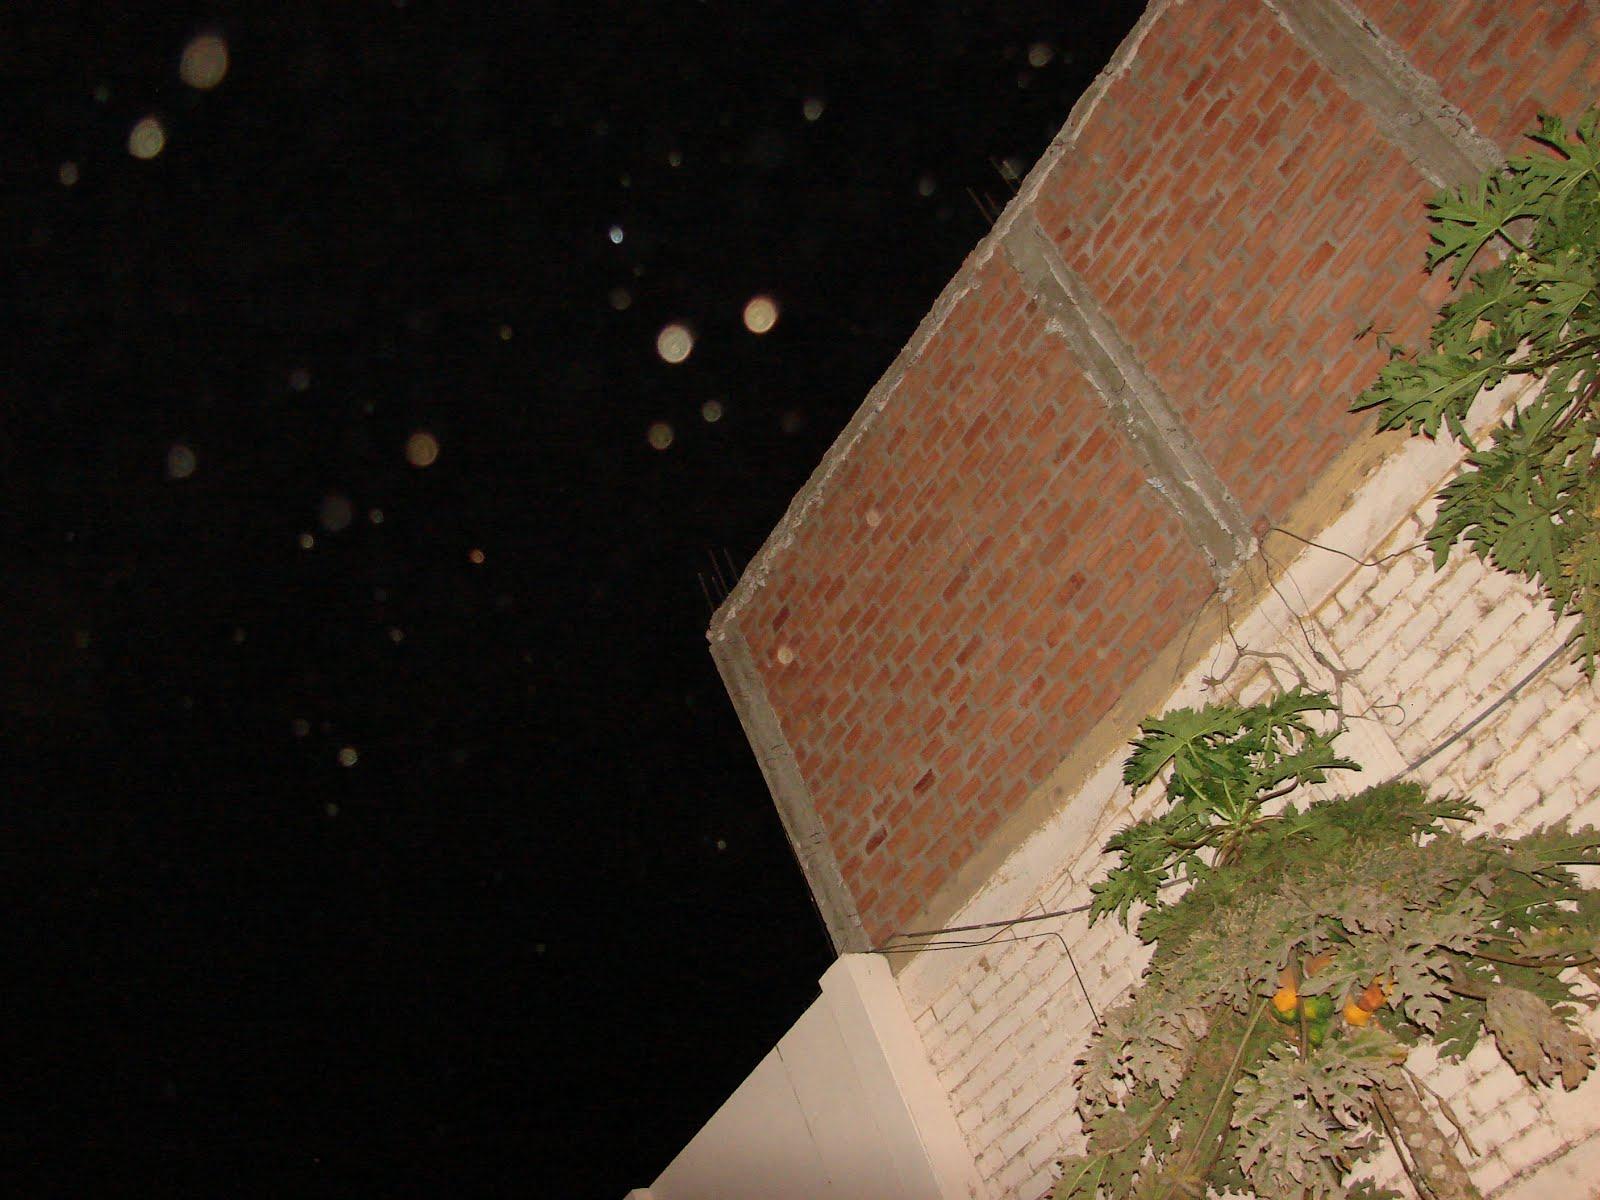 Urgente-9-10-11-12-13-diciembre-2012-ultimos avistamientos ovni-la CRUZ-de-Jesus ssobre-X-Cielo-UFO